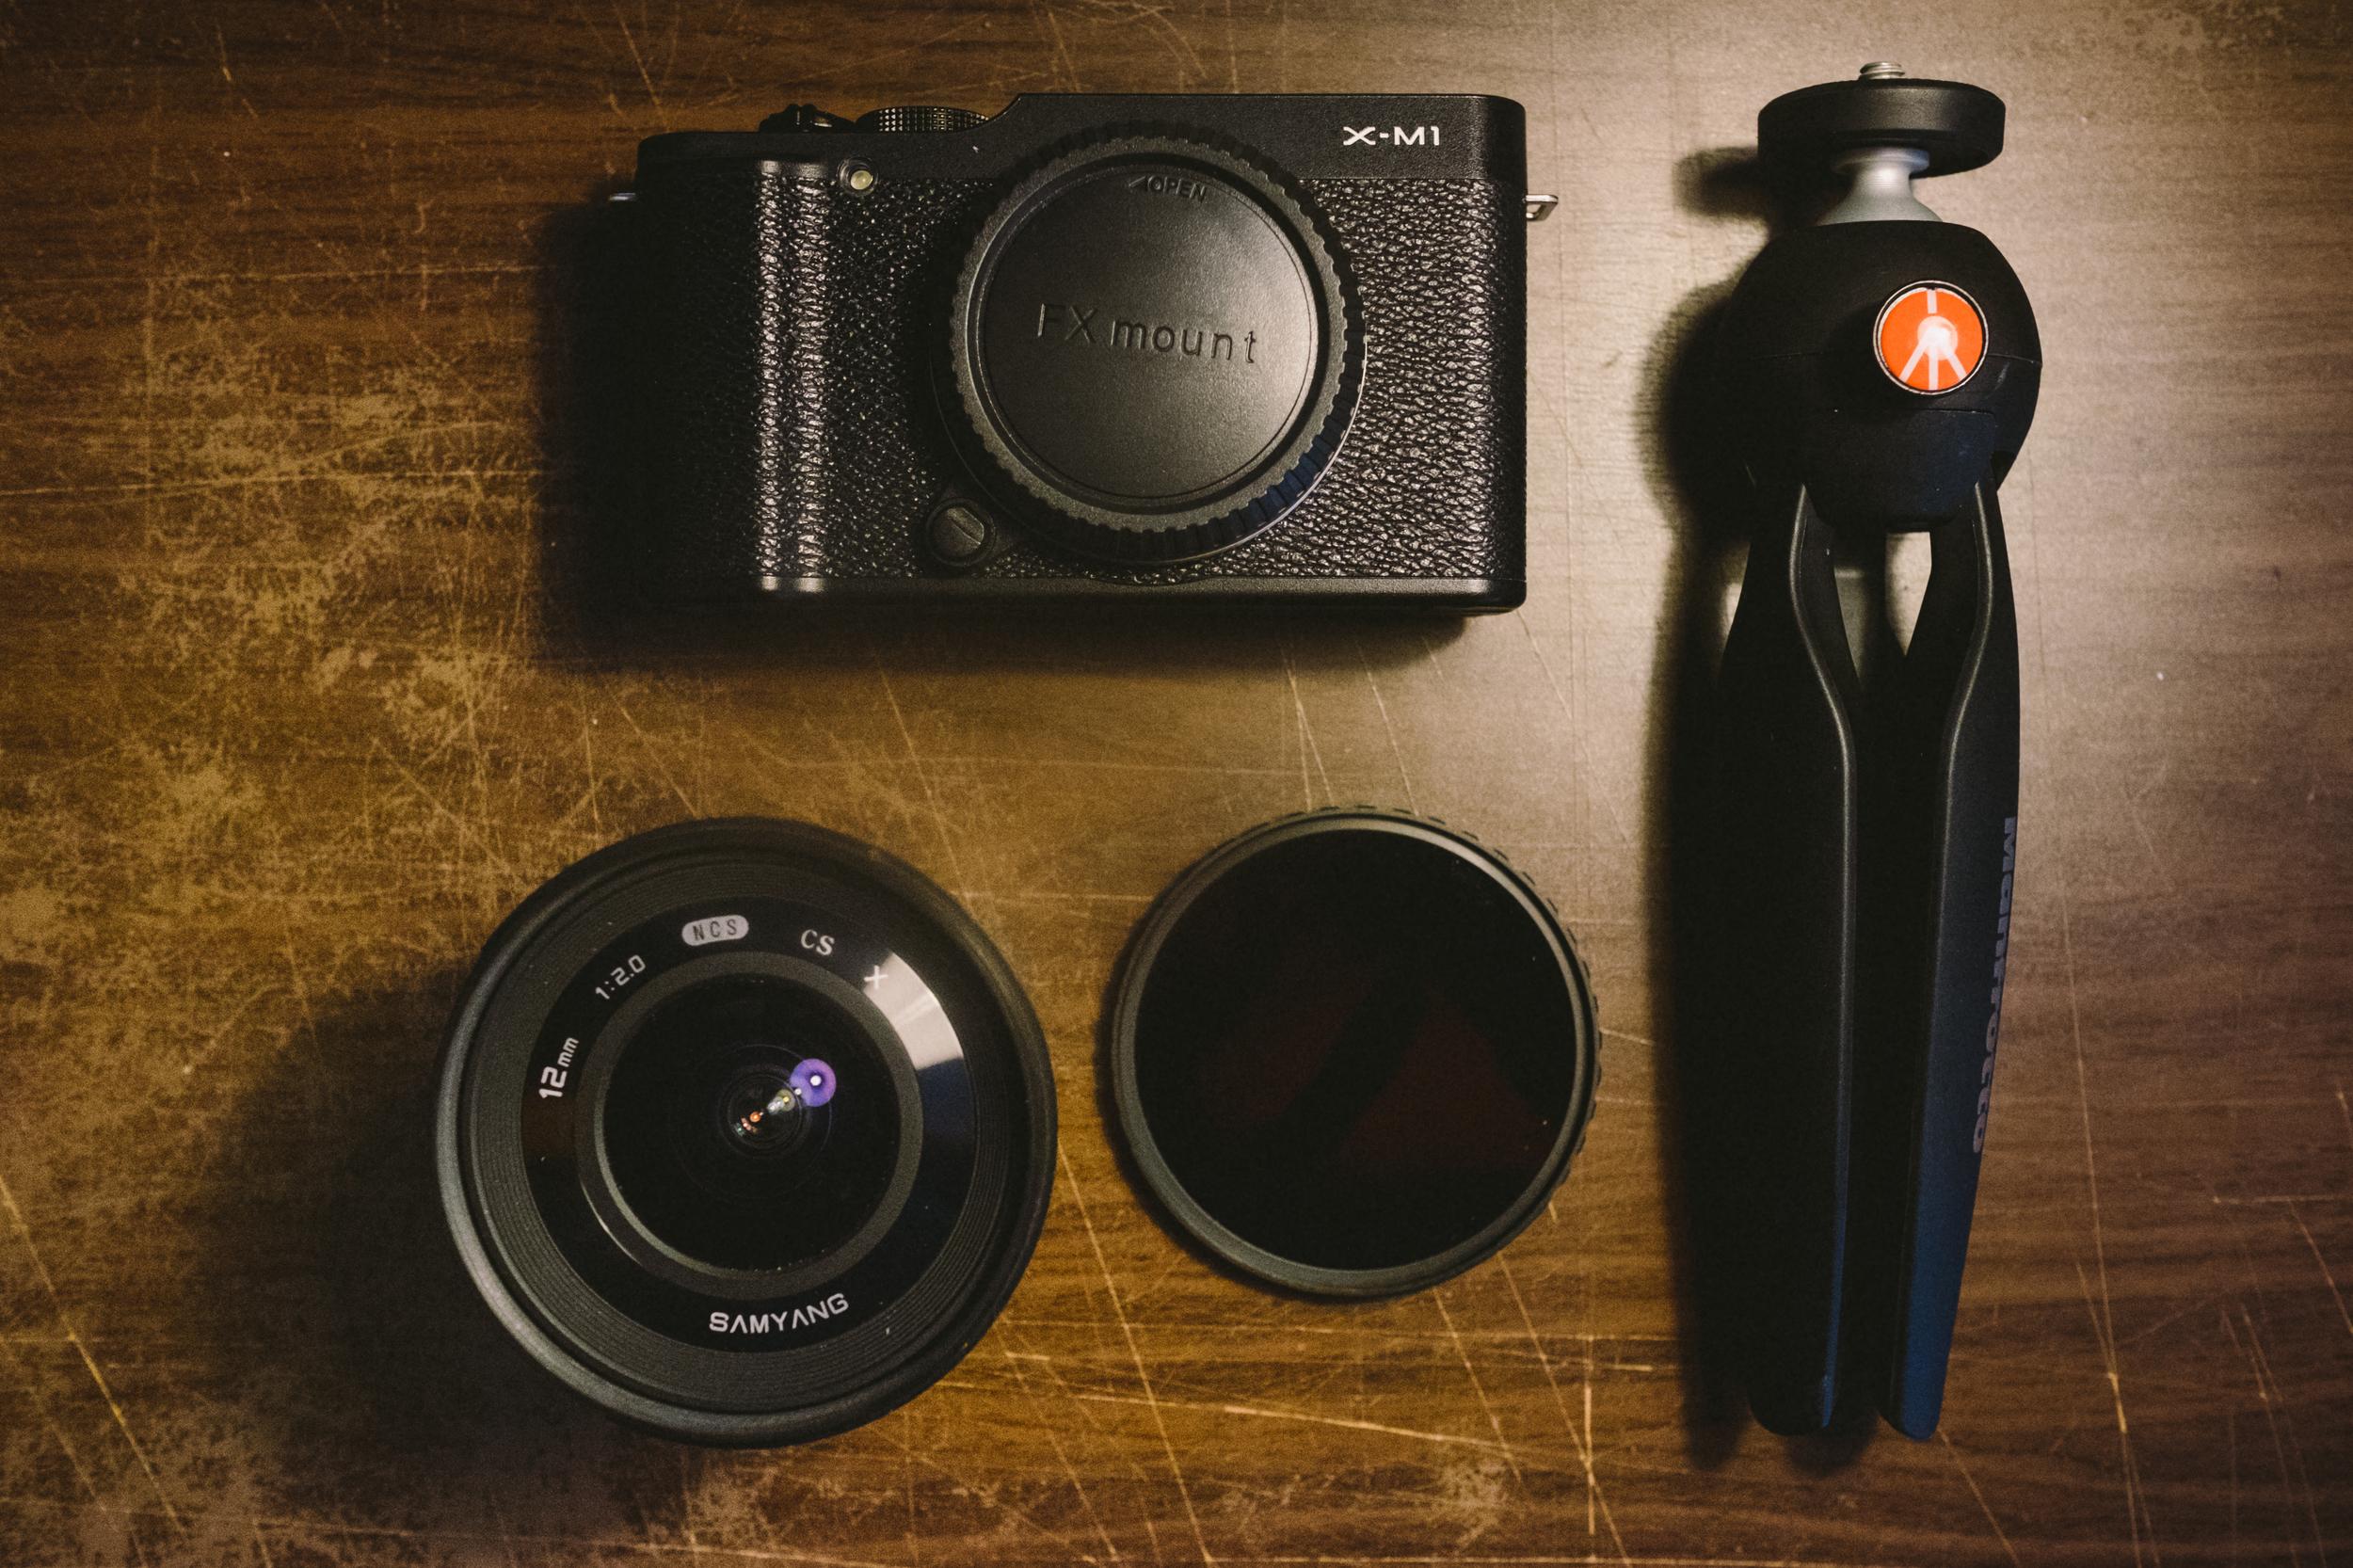 Fuji X-M1 + Samyang 12mm + 10 Stop ND + Pixi